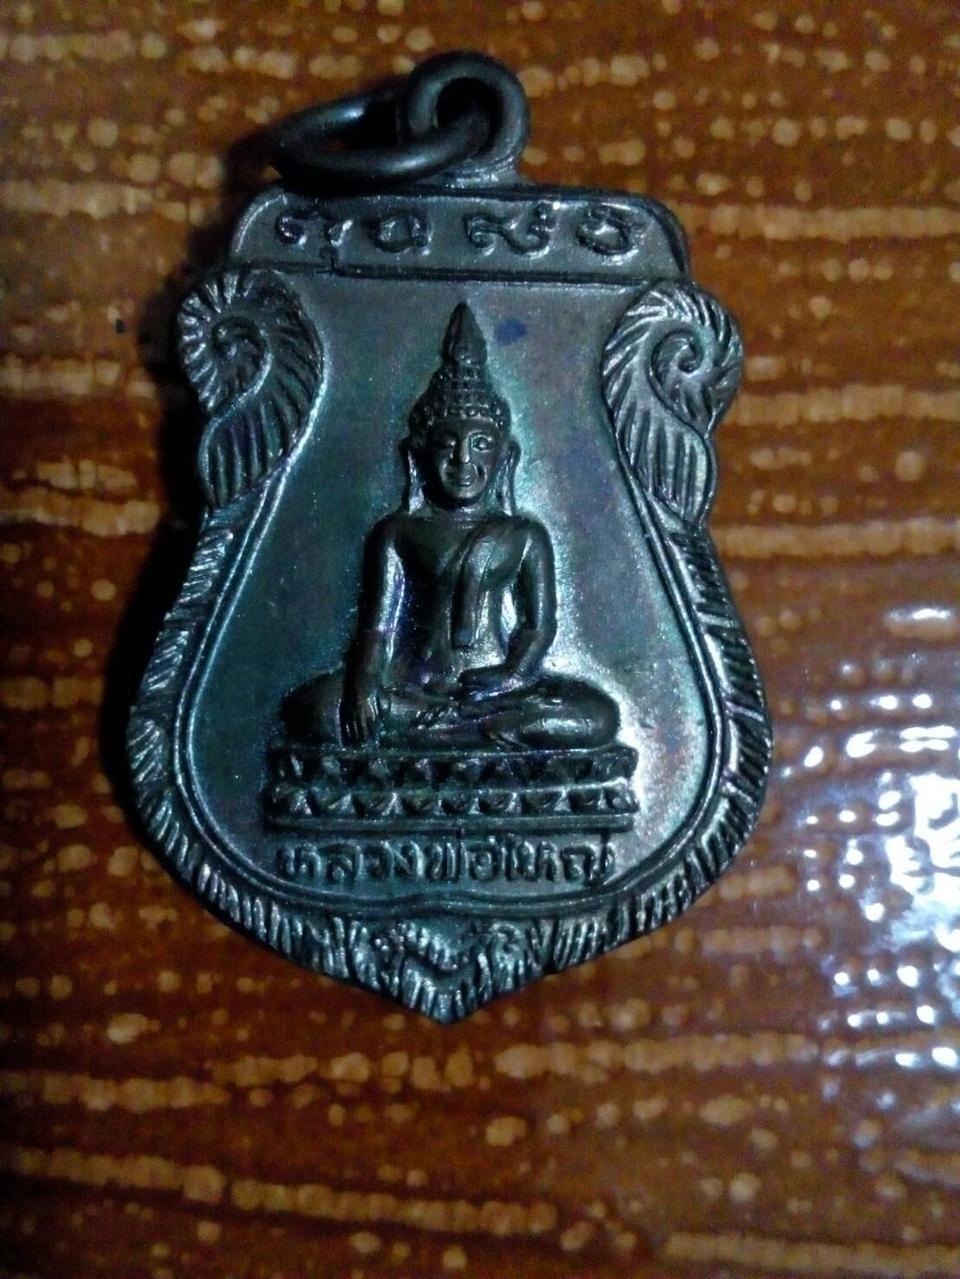 เหรียญหลงพ่อคง  สุวรณุโณ ที่ระลึกงานผูกพัทธสีมา    ปี 2538 รูปที่ 2